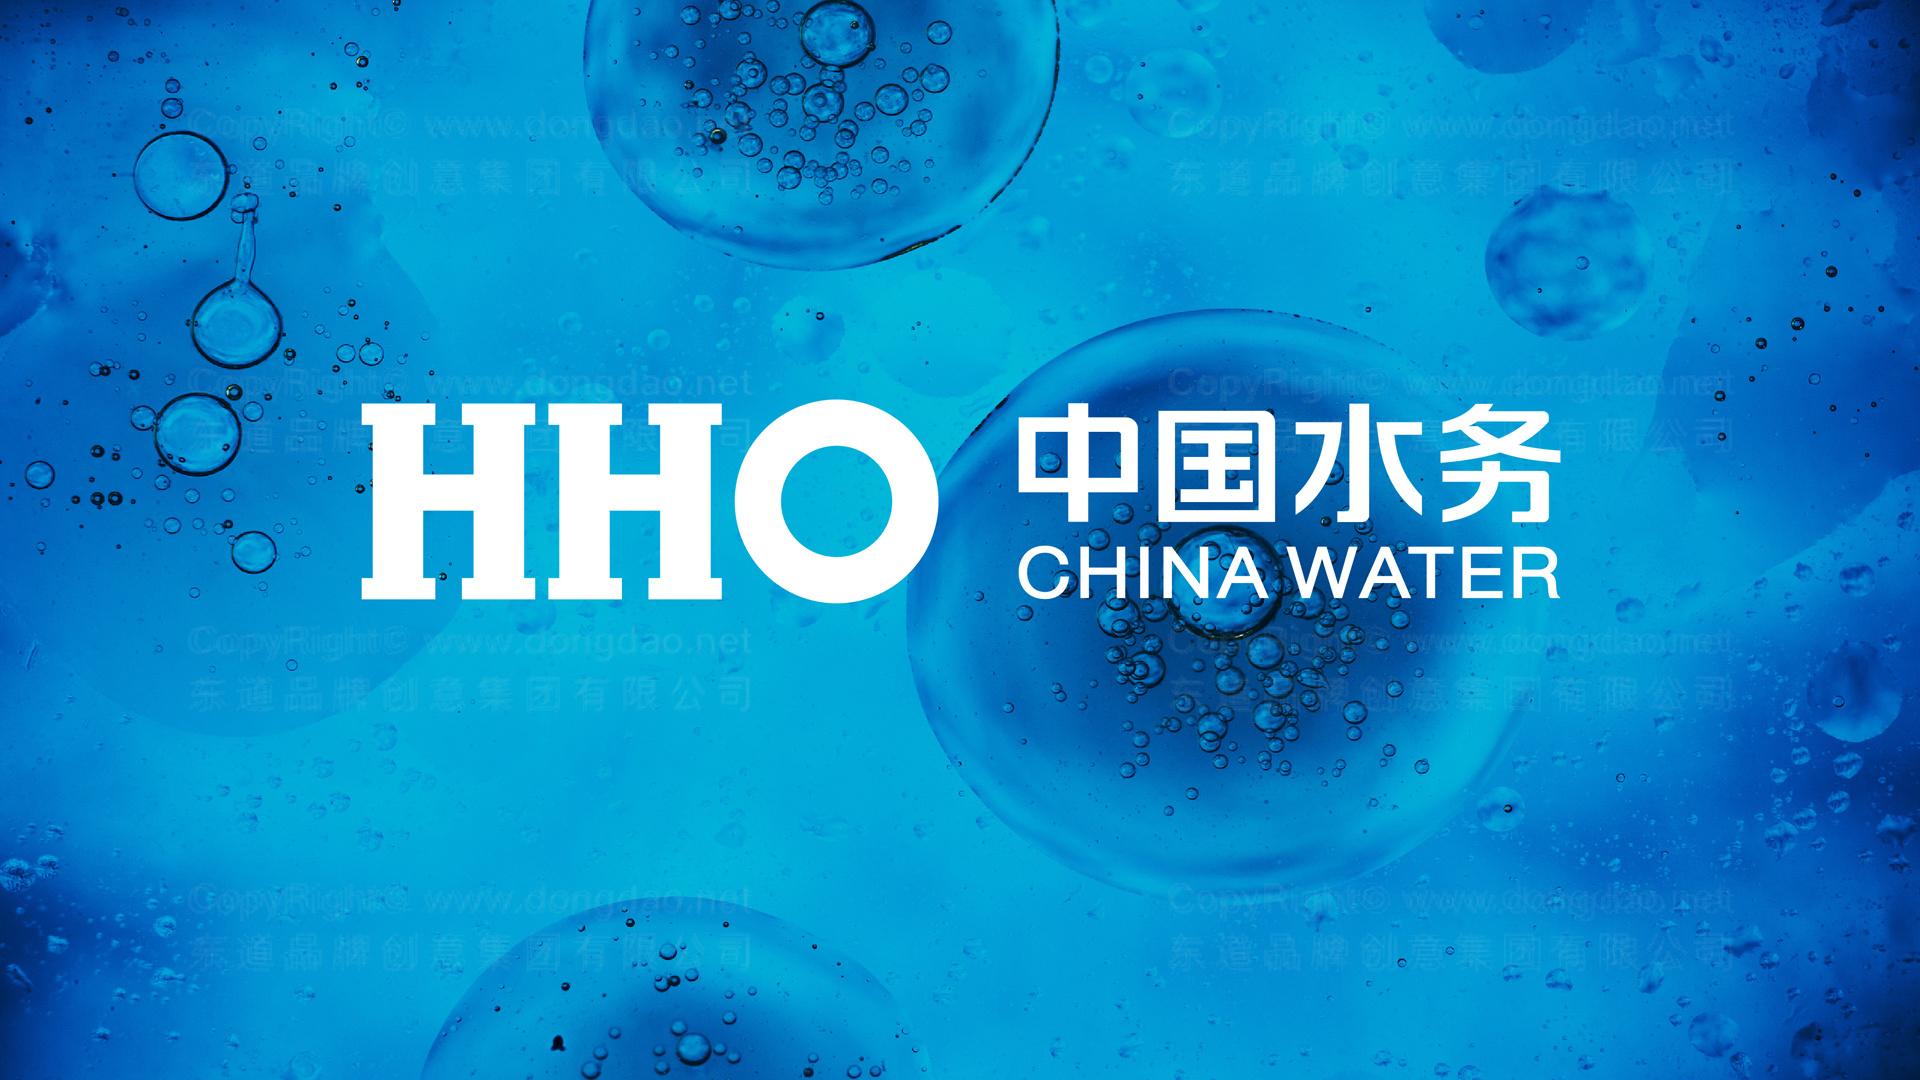 中國水務SI形象設計